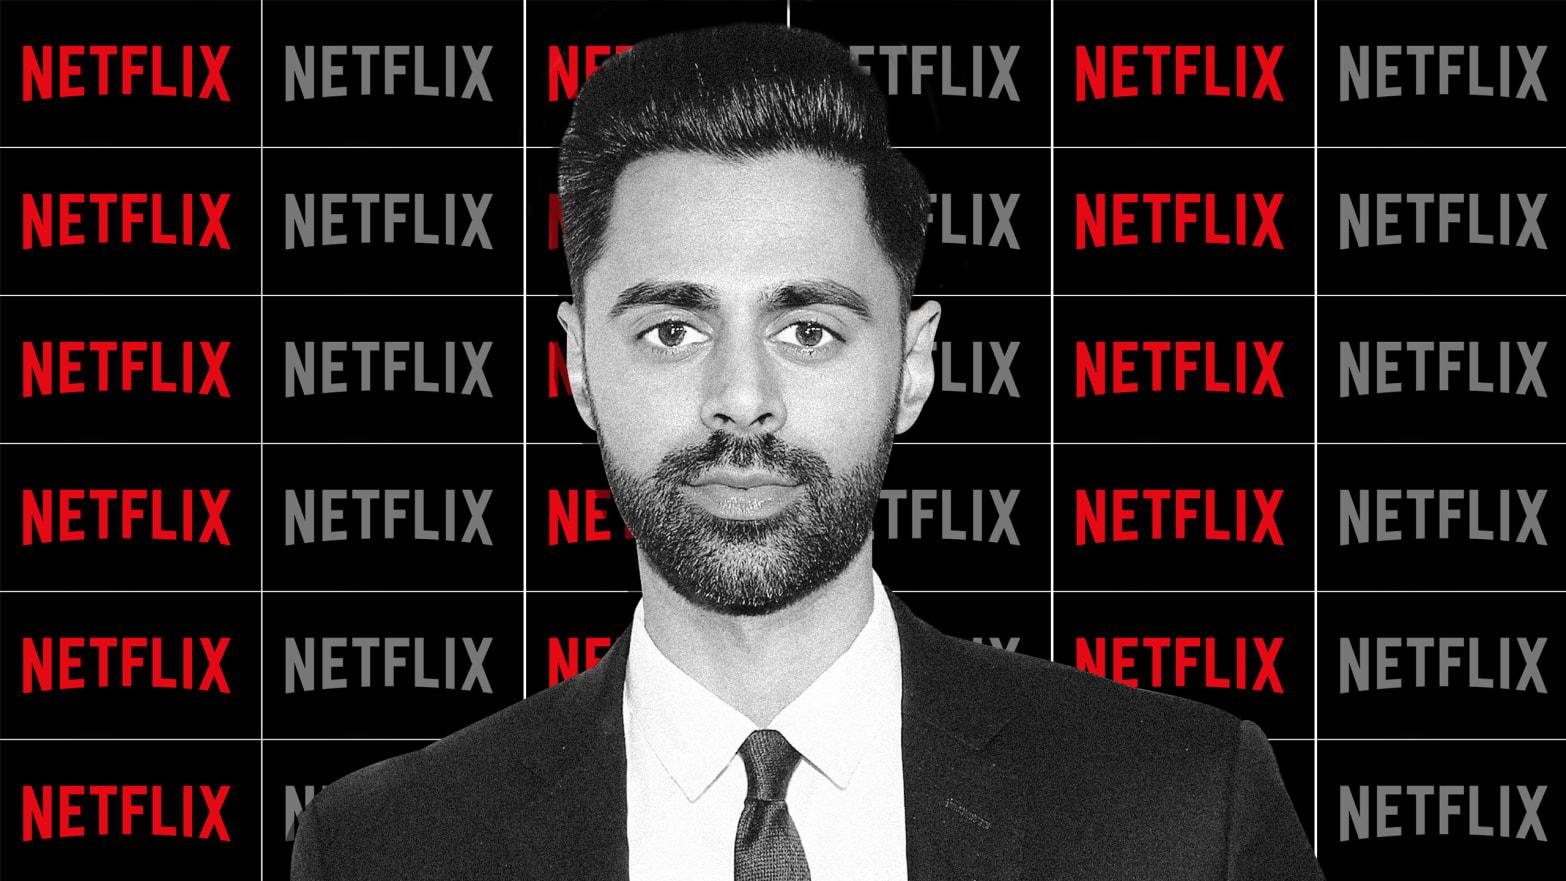 Netflix Comic Video Ban: Since When Did Netflix Take